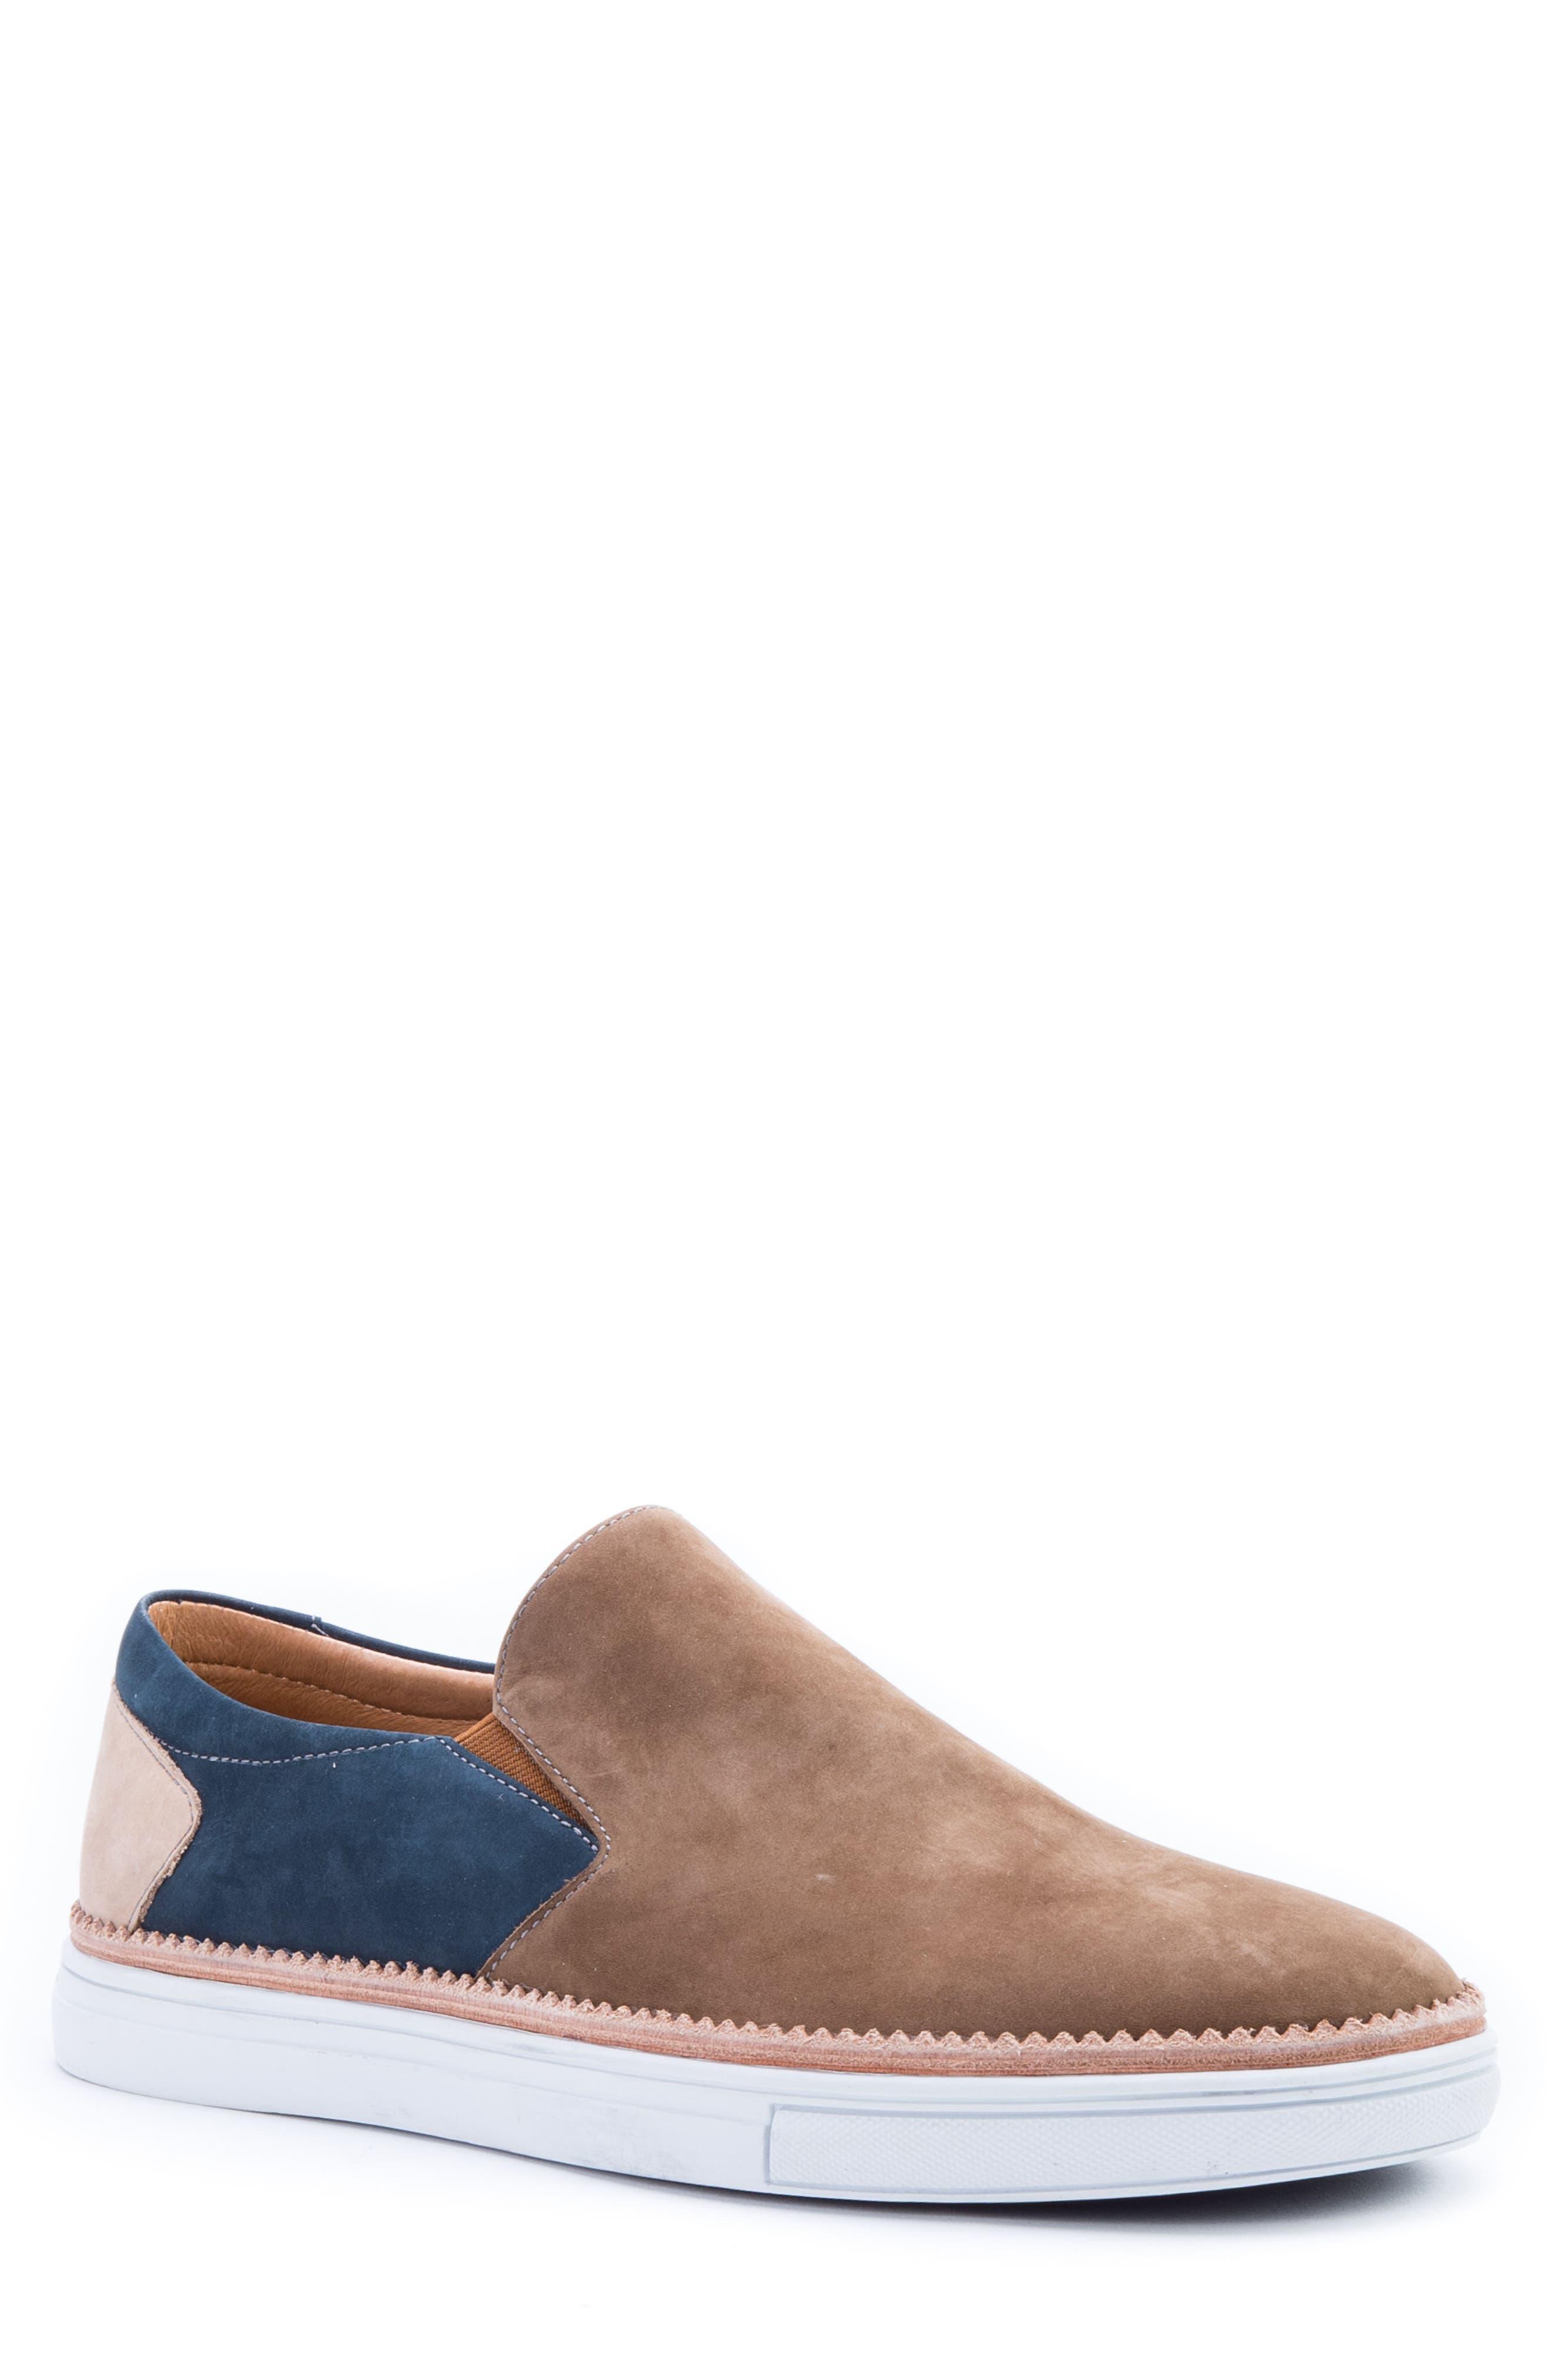 Rivera Colorblocked Slip-On Sneaker,                         Main,                         color, COGNAC SUEDE